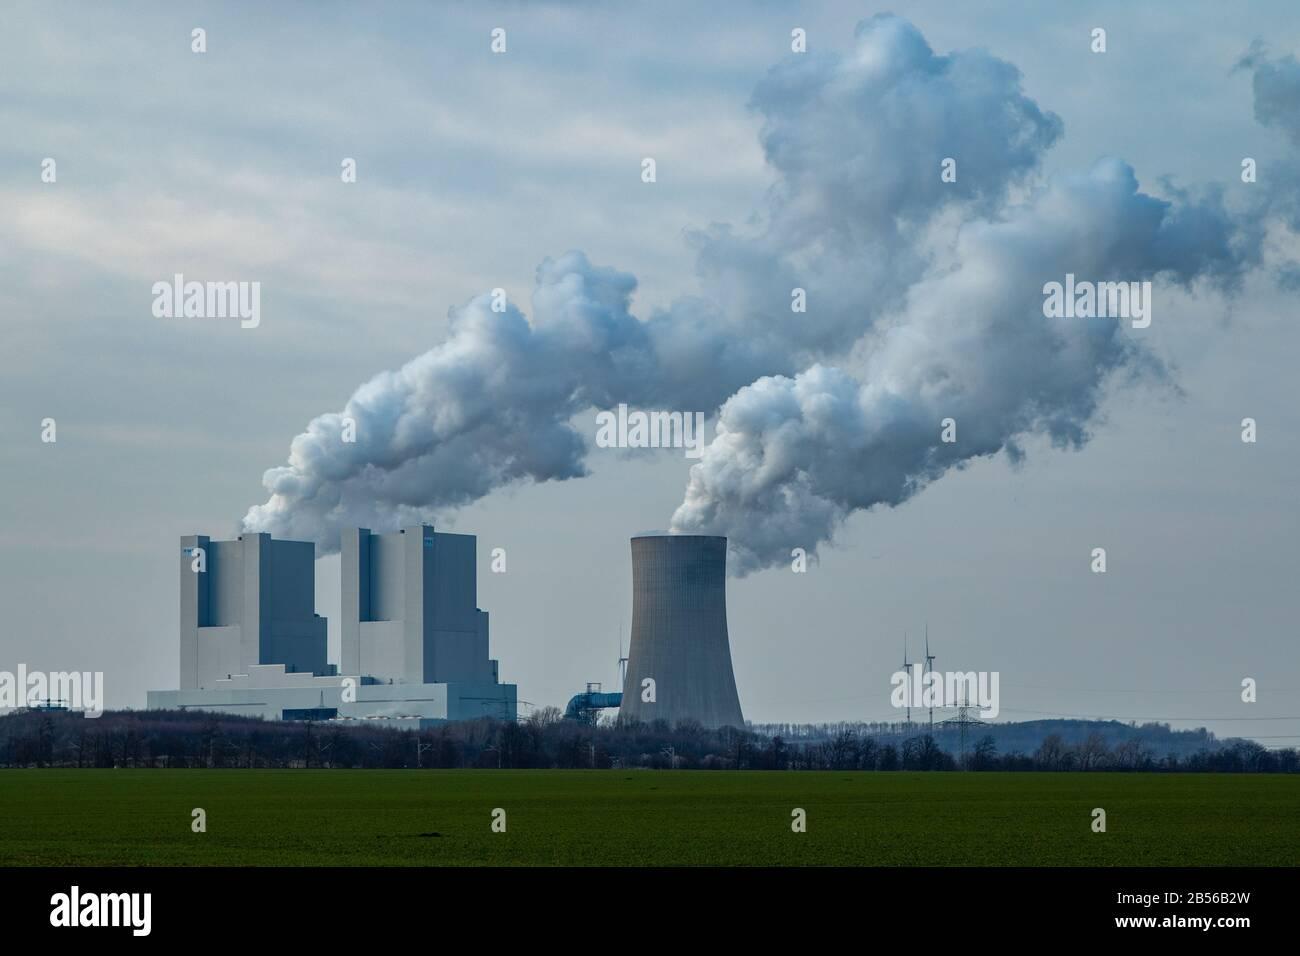 Rommerskirchen NRW, Alemania, 07 03 2020, RWE carbón alimentado plangt Neurath, chimenea con gases de escape, cielo nublado Foto de stock